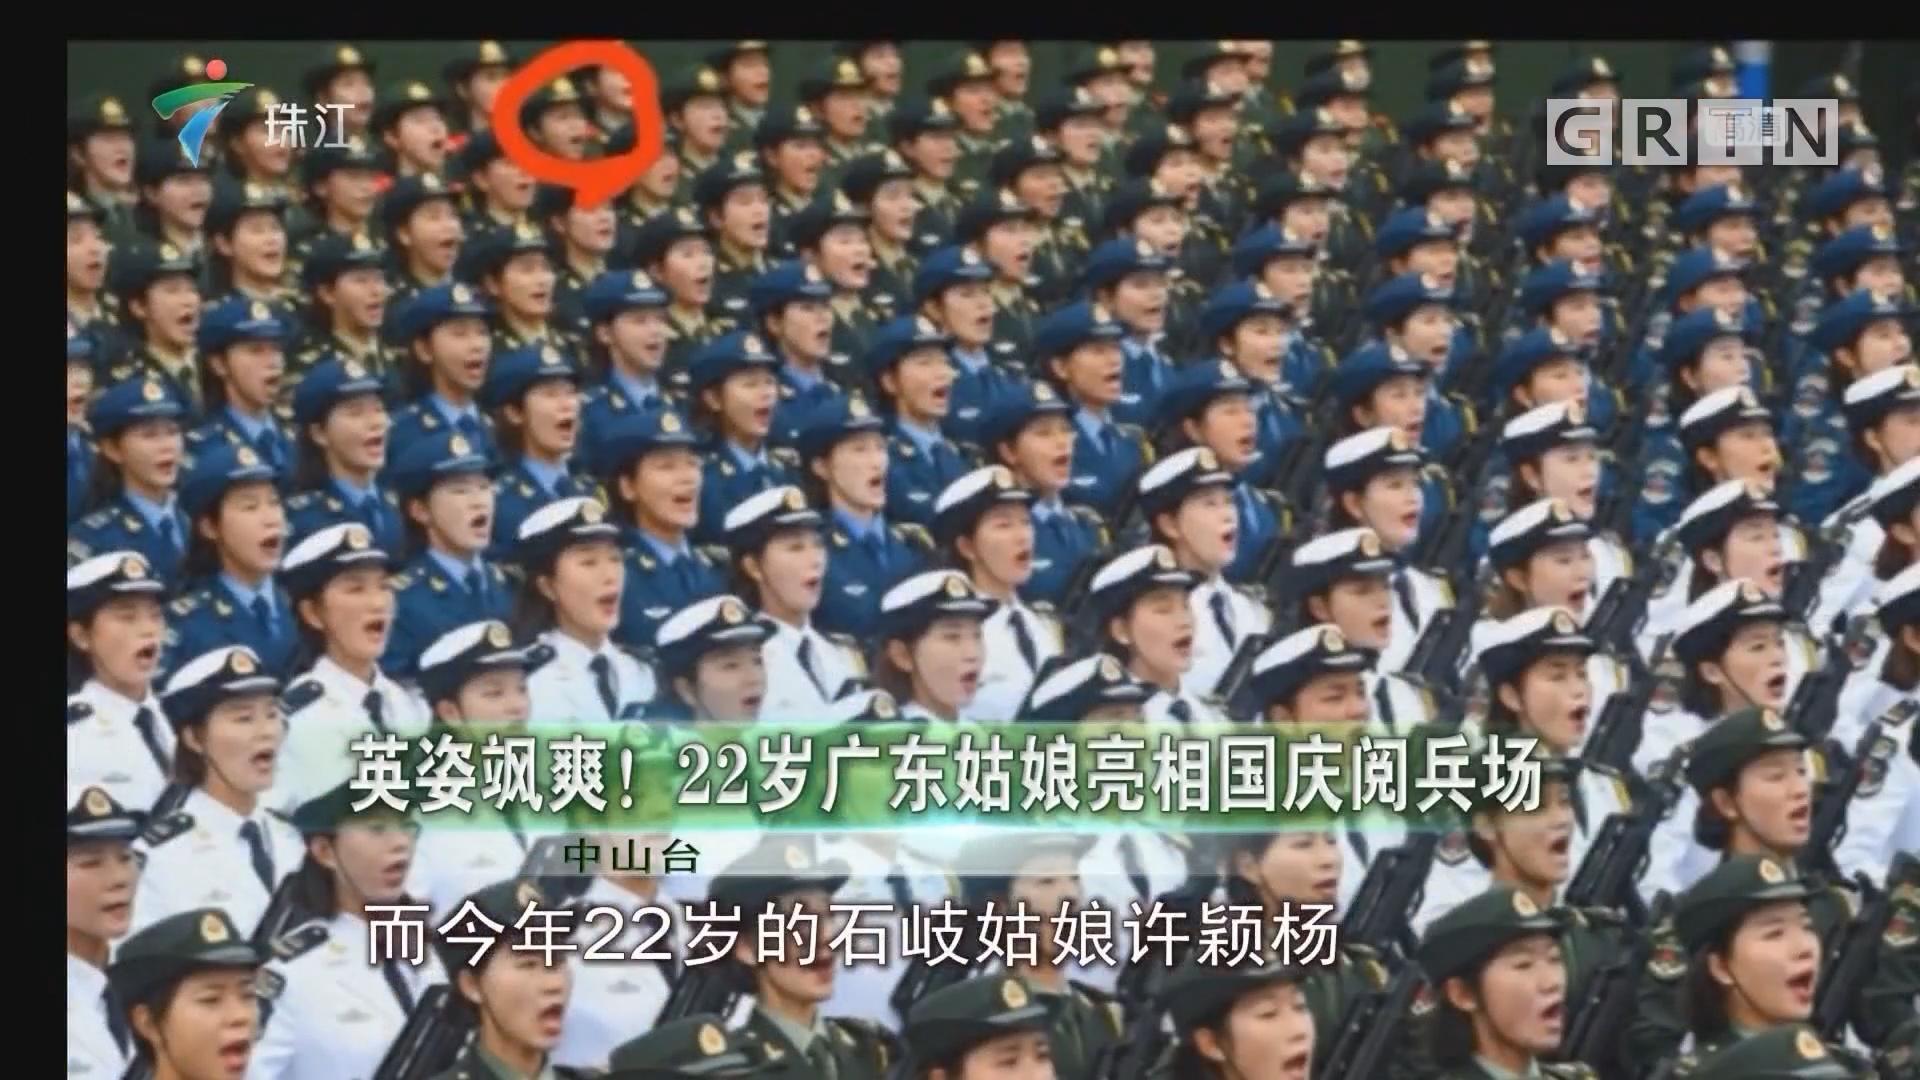 英姿飒爽!22岁广东姑娘亮相国庆阅兵场